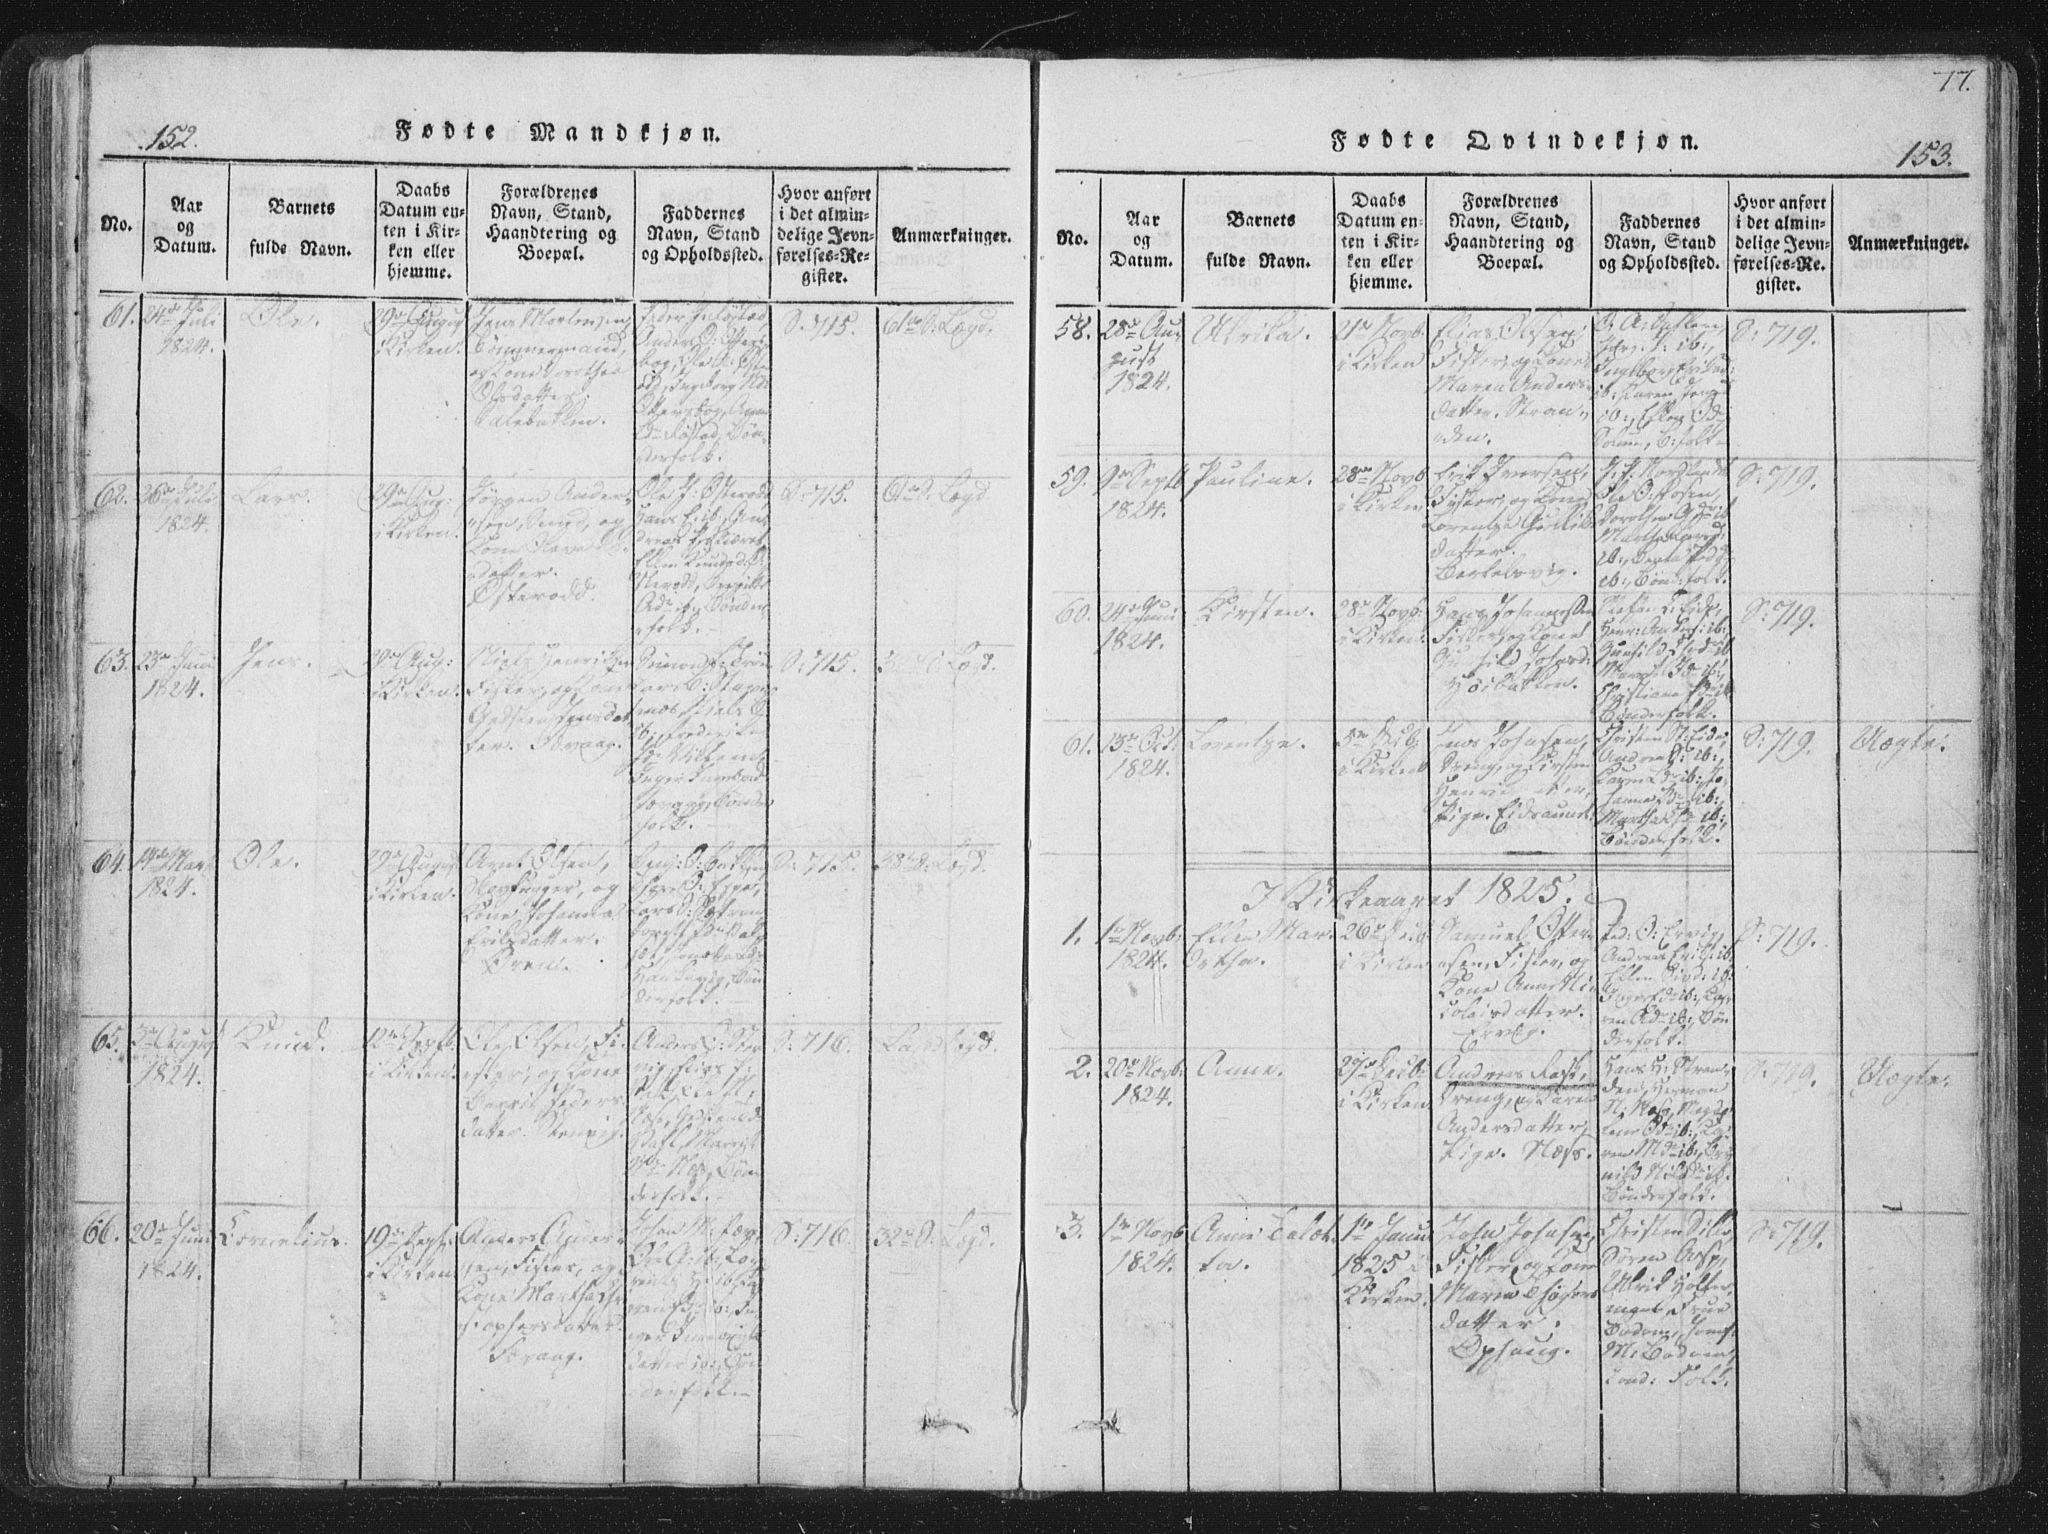 SAT, Ministerialprotokoller, klokkerbøker og fødselsregistre - Sør-Trøndelag, 659/L0734: Ministerialbok nr. 659A04, 1818-1825, s. 152-153